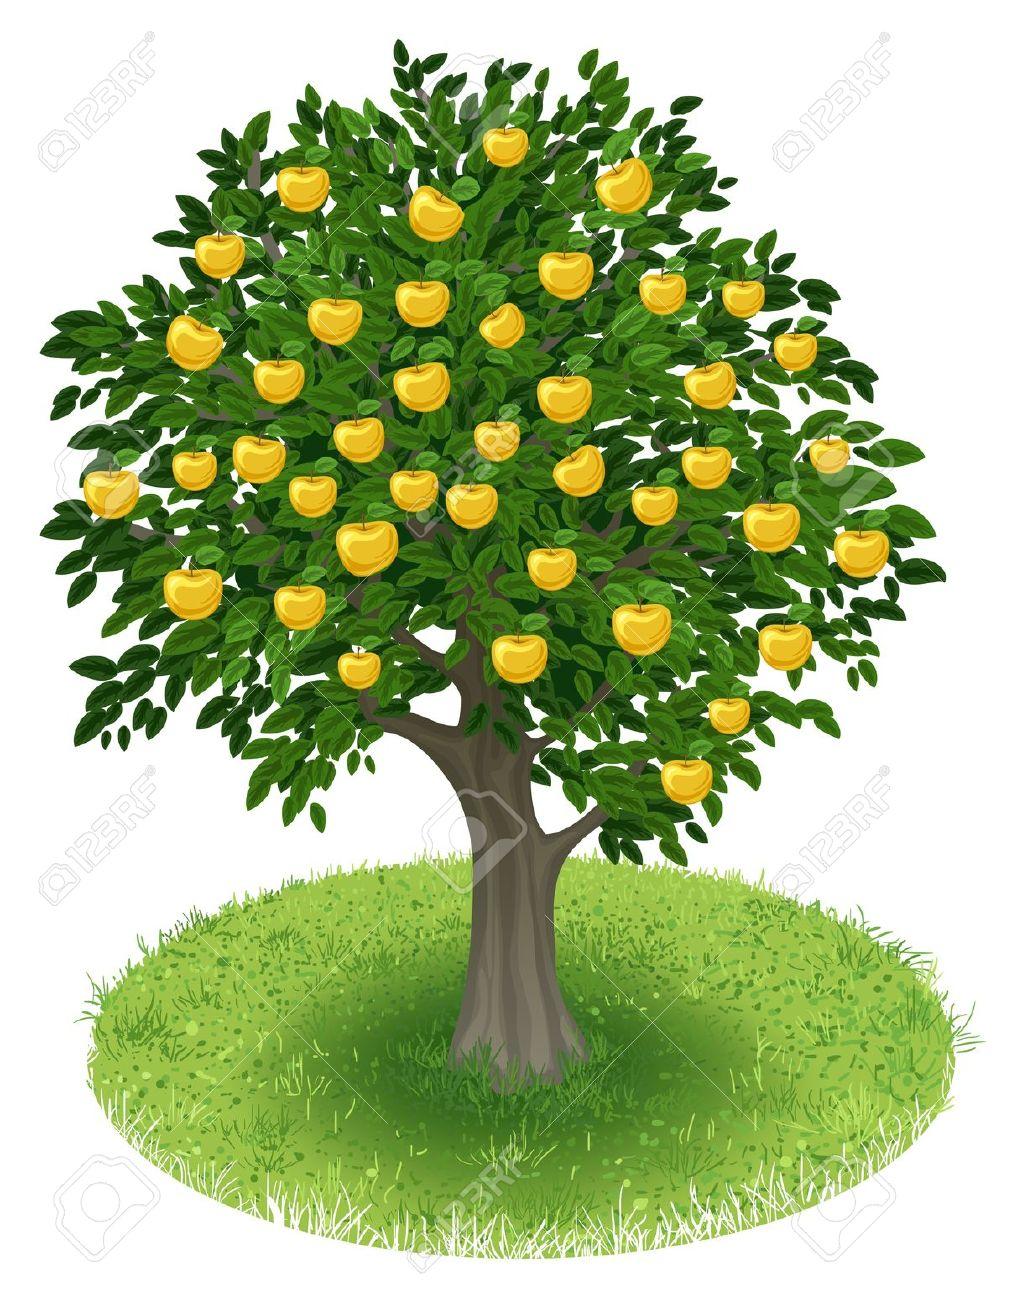 Apple tree in a field clipart.